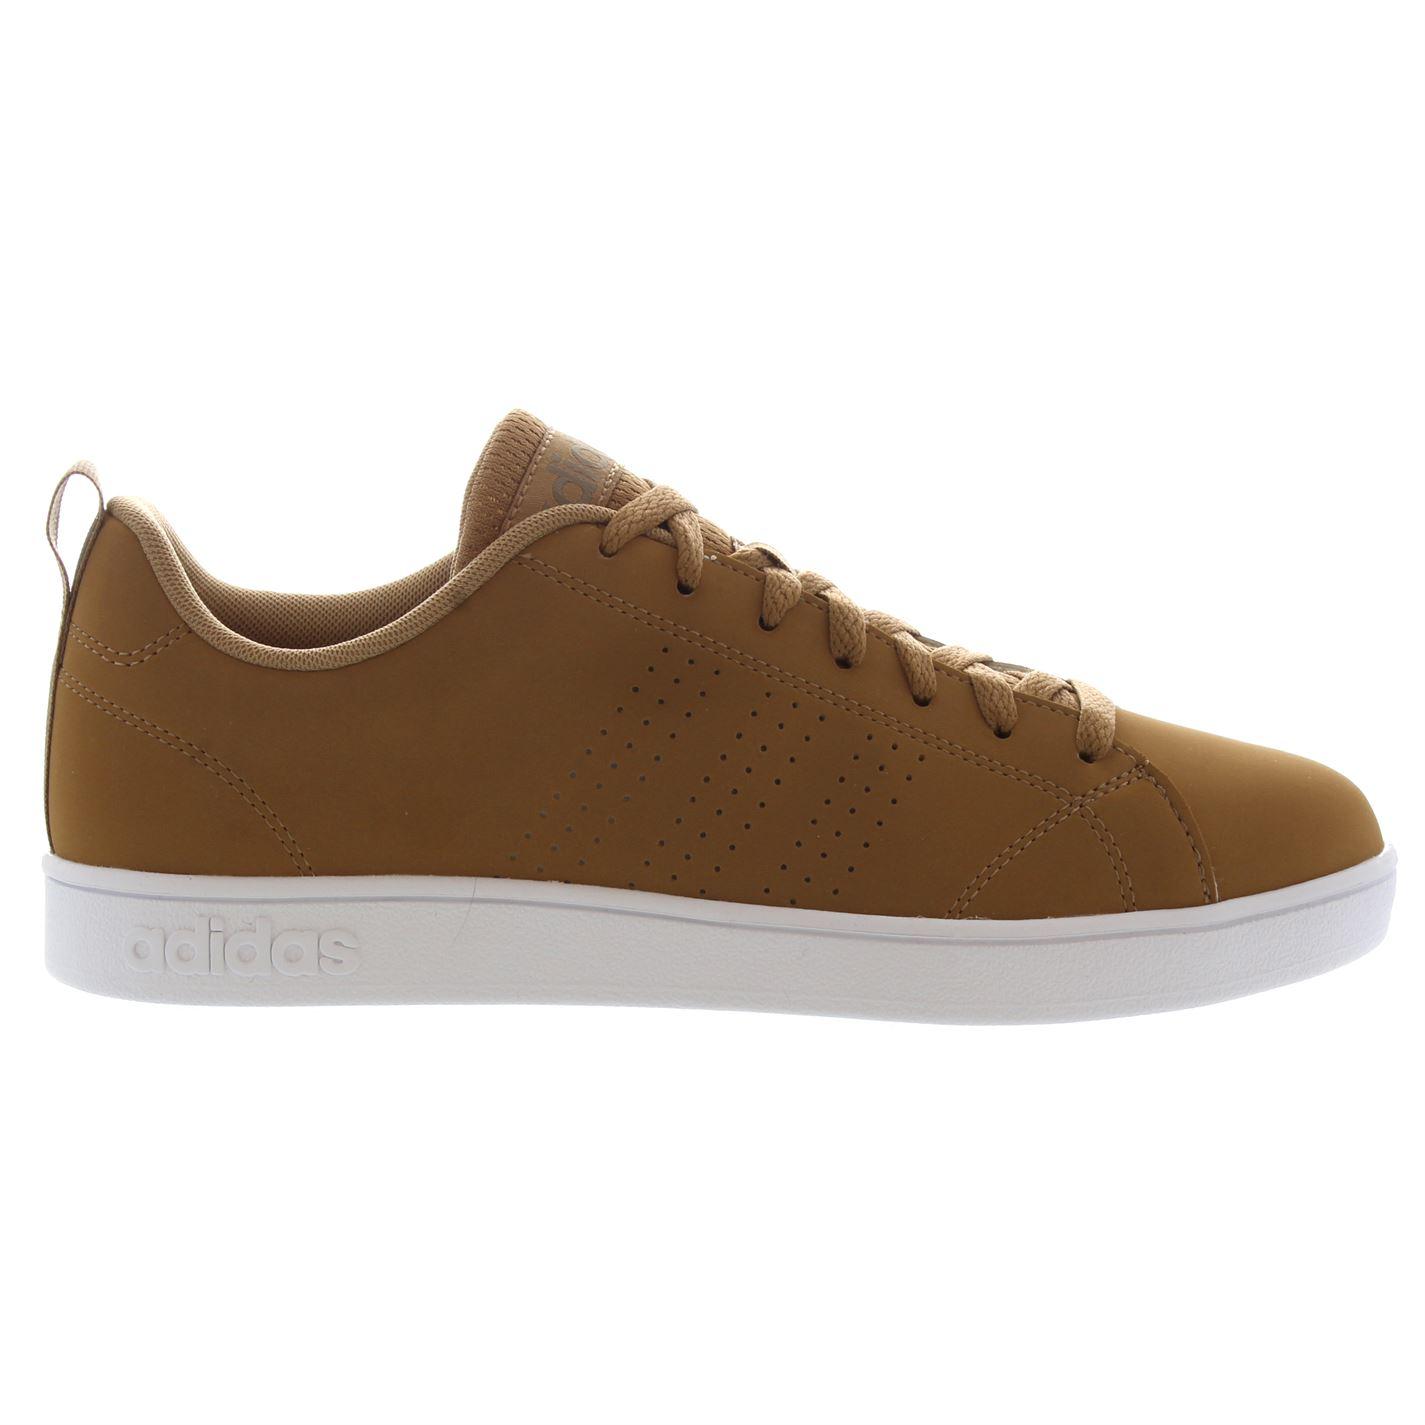 016e284f4 adidas Advantage Clean NB82 Tenisky Mens - Glami.sk